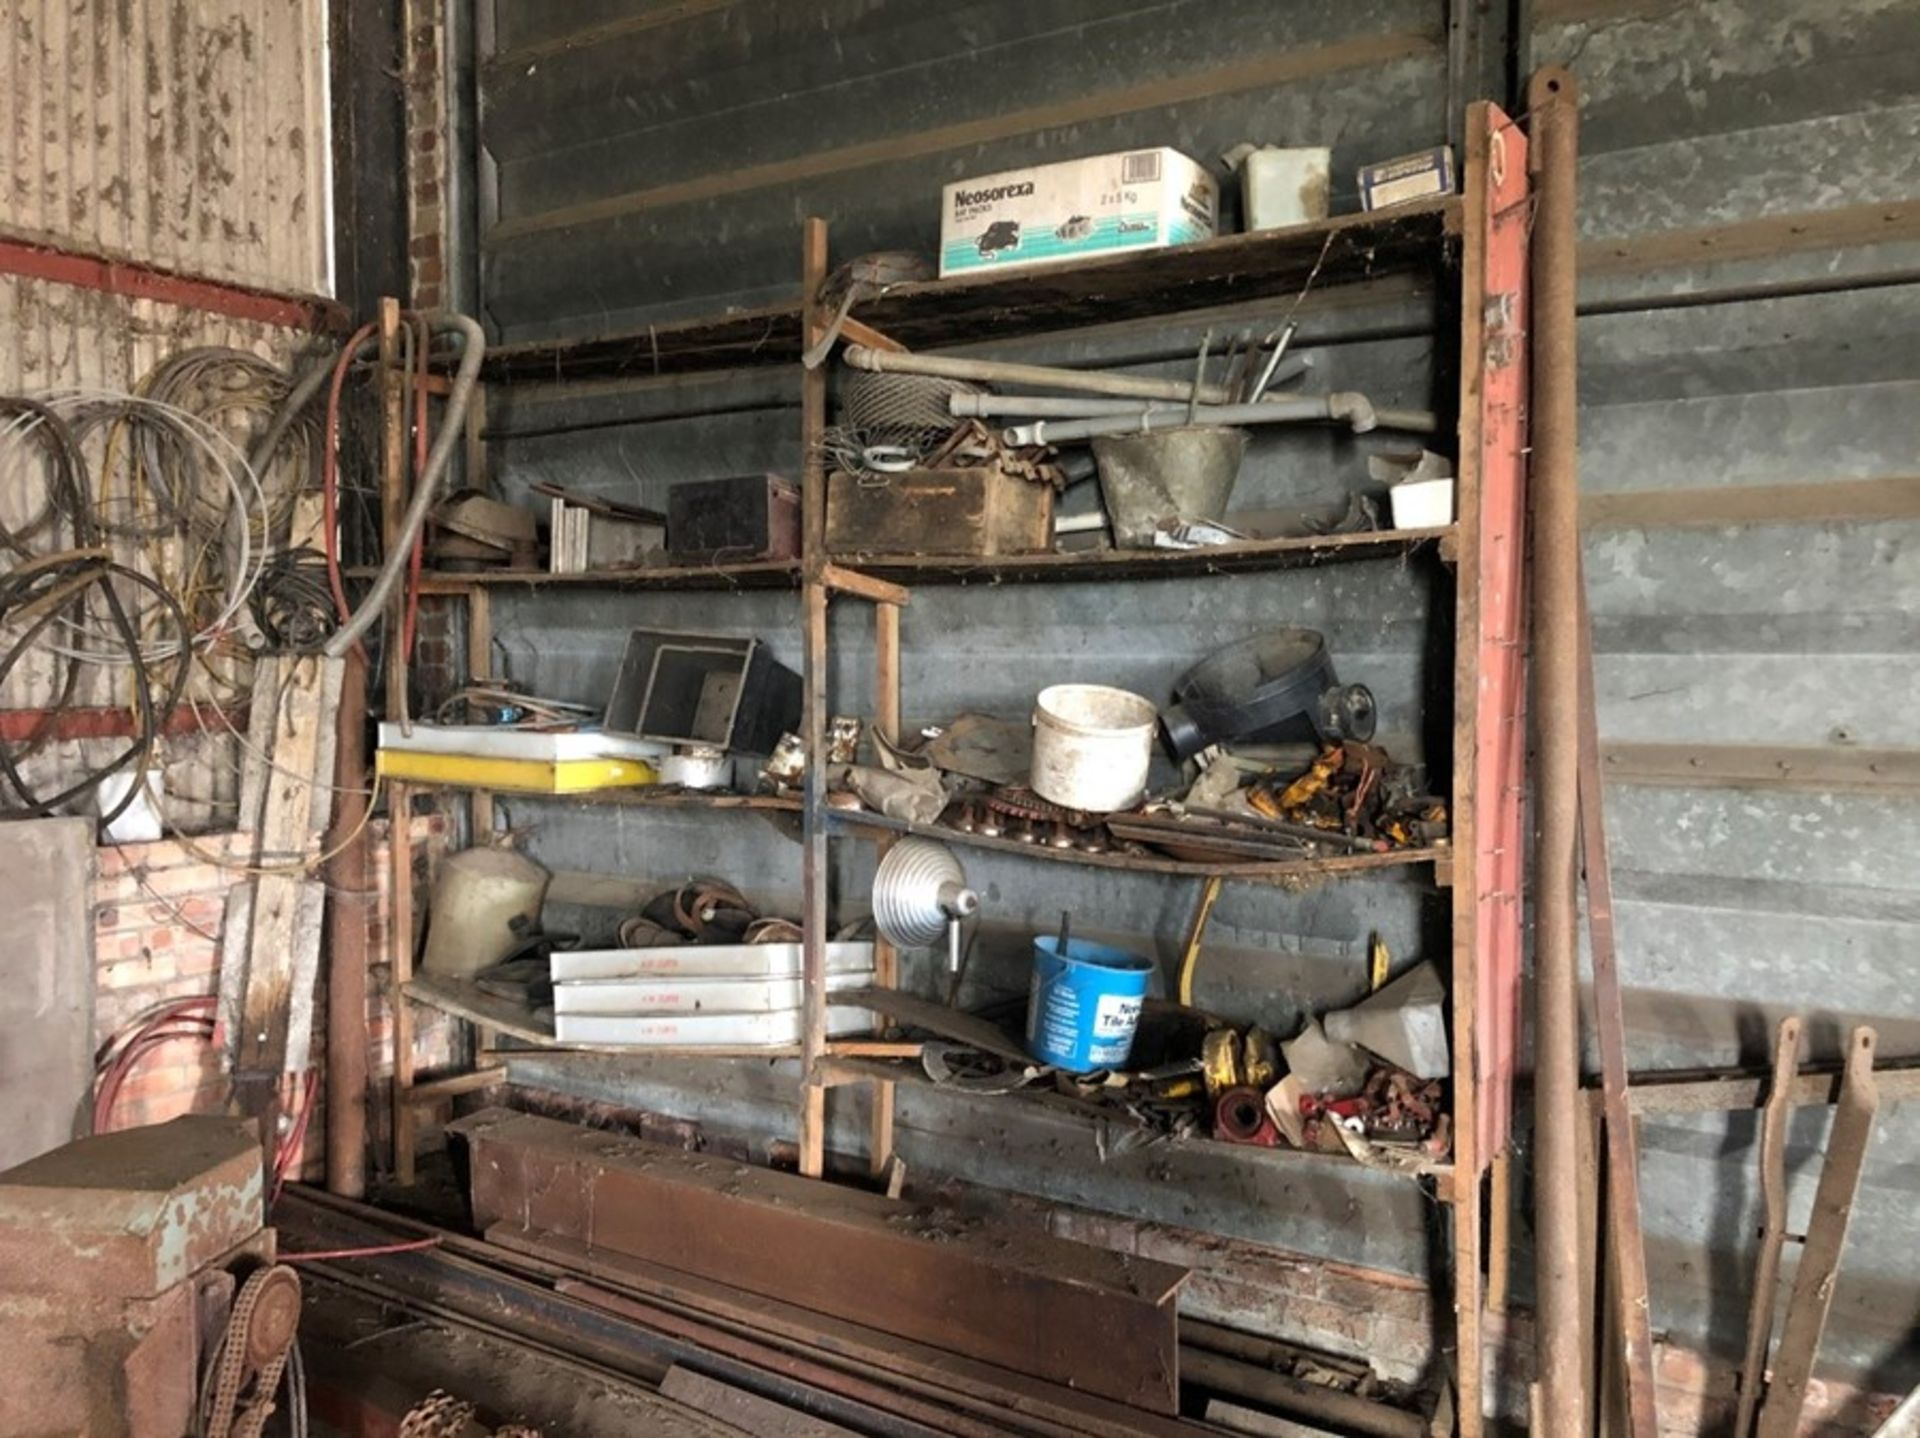 Workshop shelves & contents - Failed PAT test